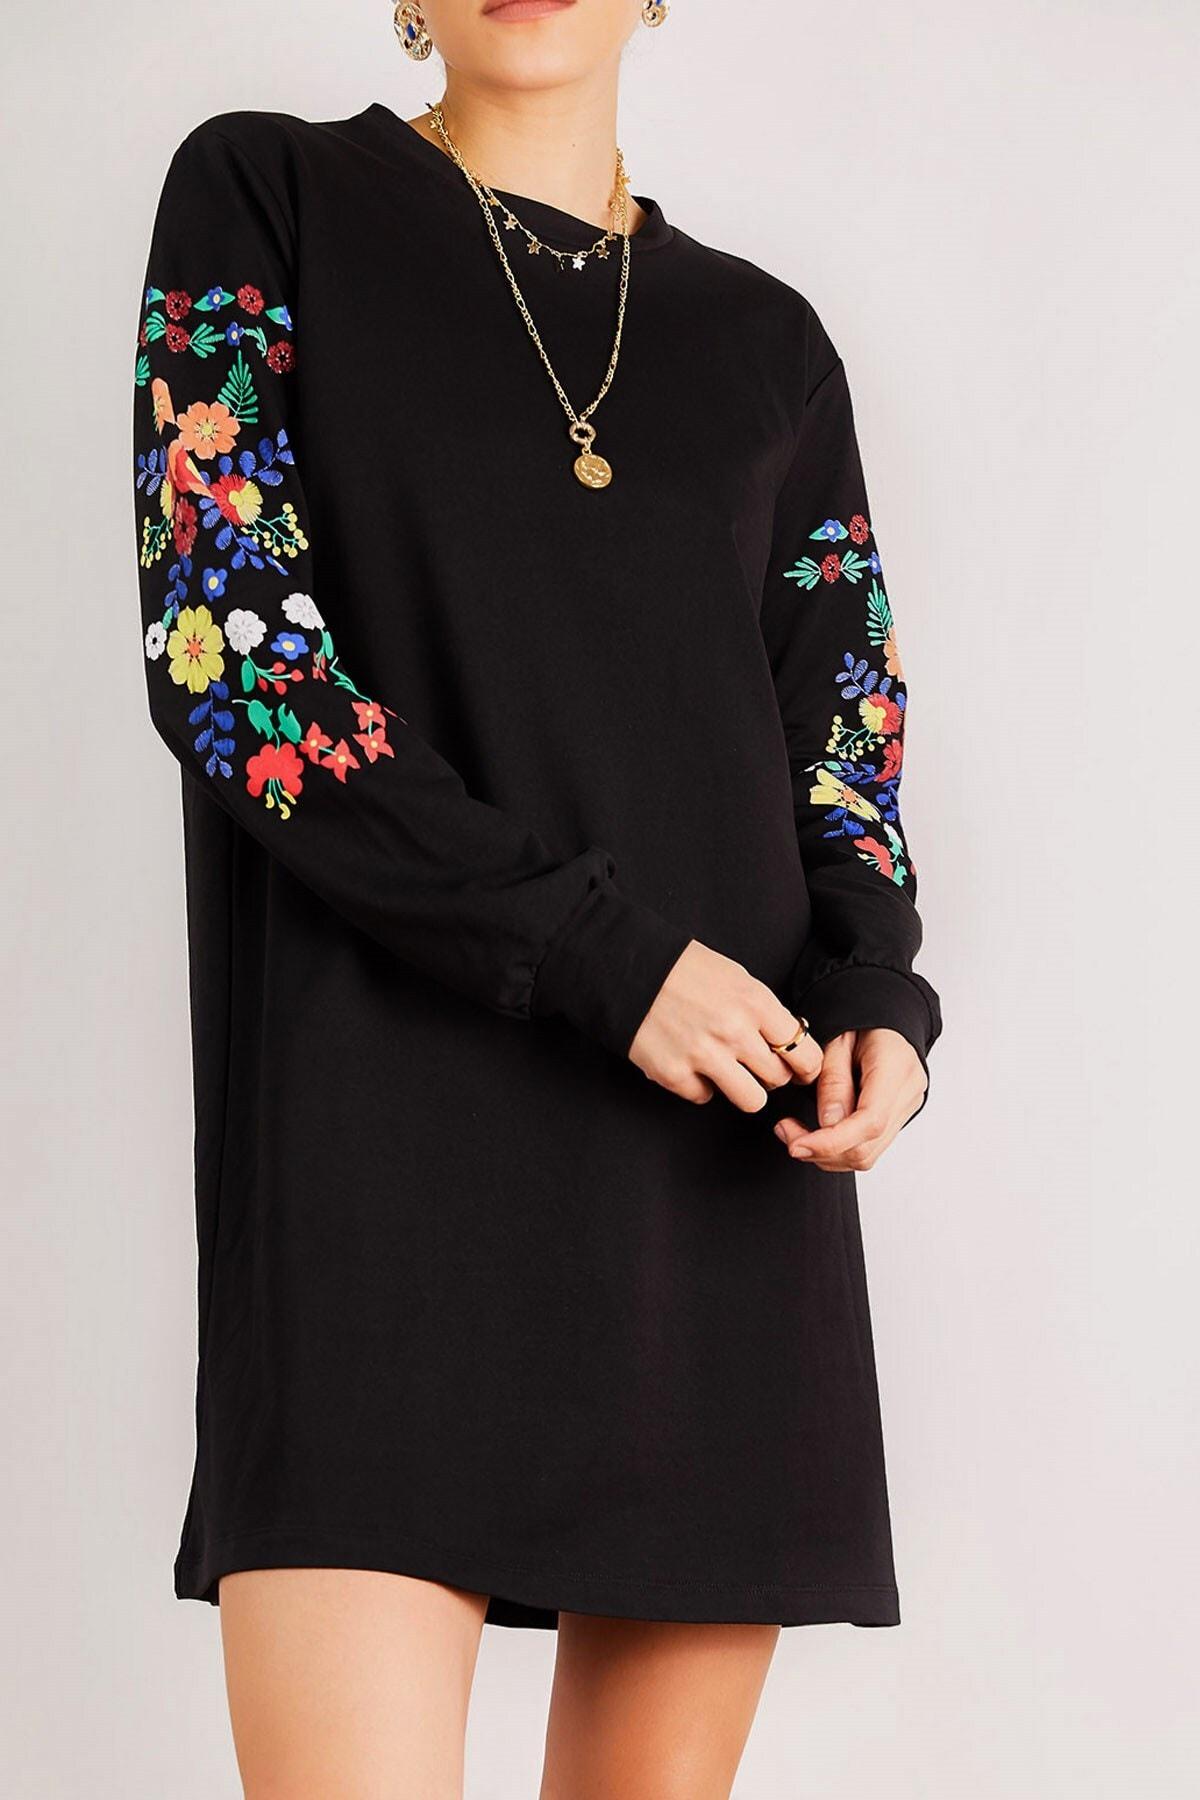 Boutiquen Kadın Siyah Kolu Nakış Baskılı Elbise 2024